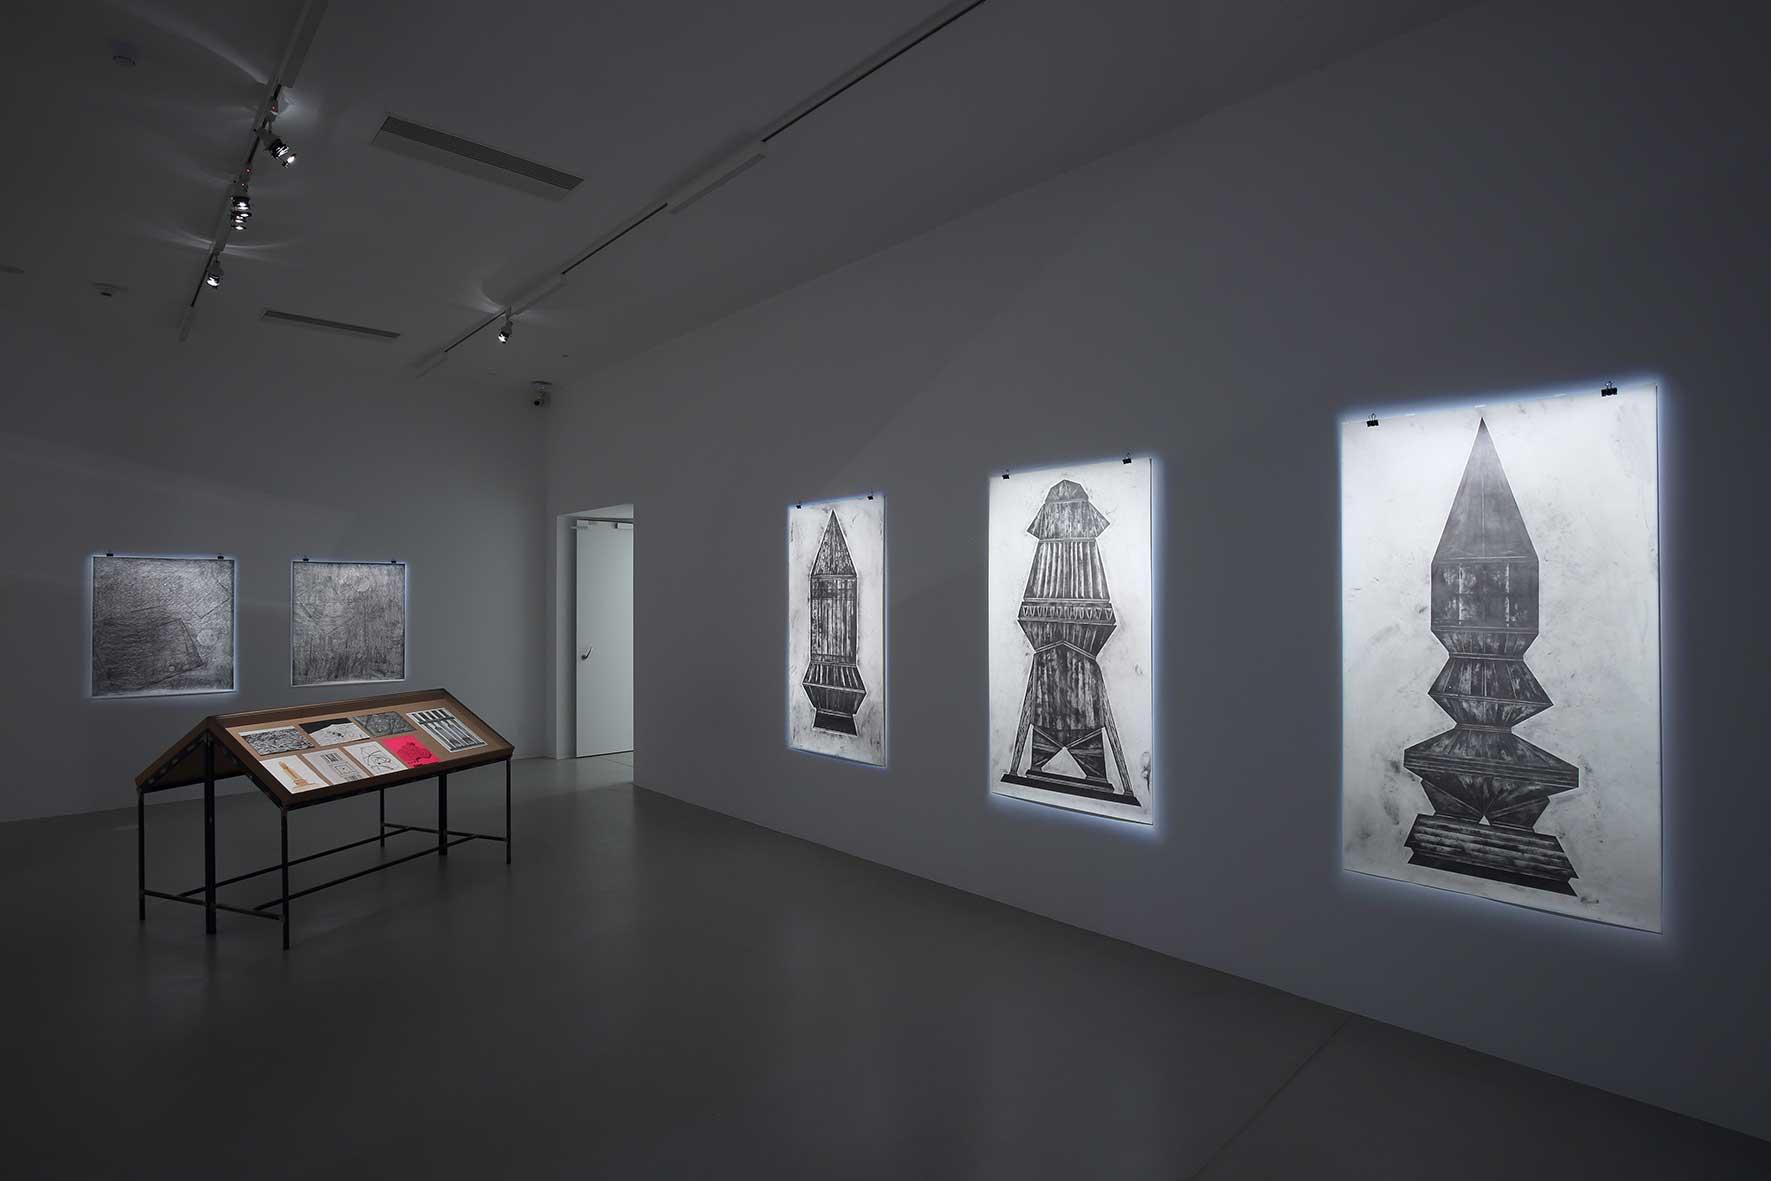 """Ausstellungsansicht """"Ticket to the moon"""", Kunsthalle Krems (Foto: Kunsthalle Krems / Redtenbacher)"""